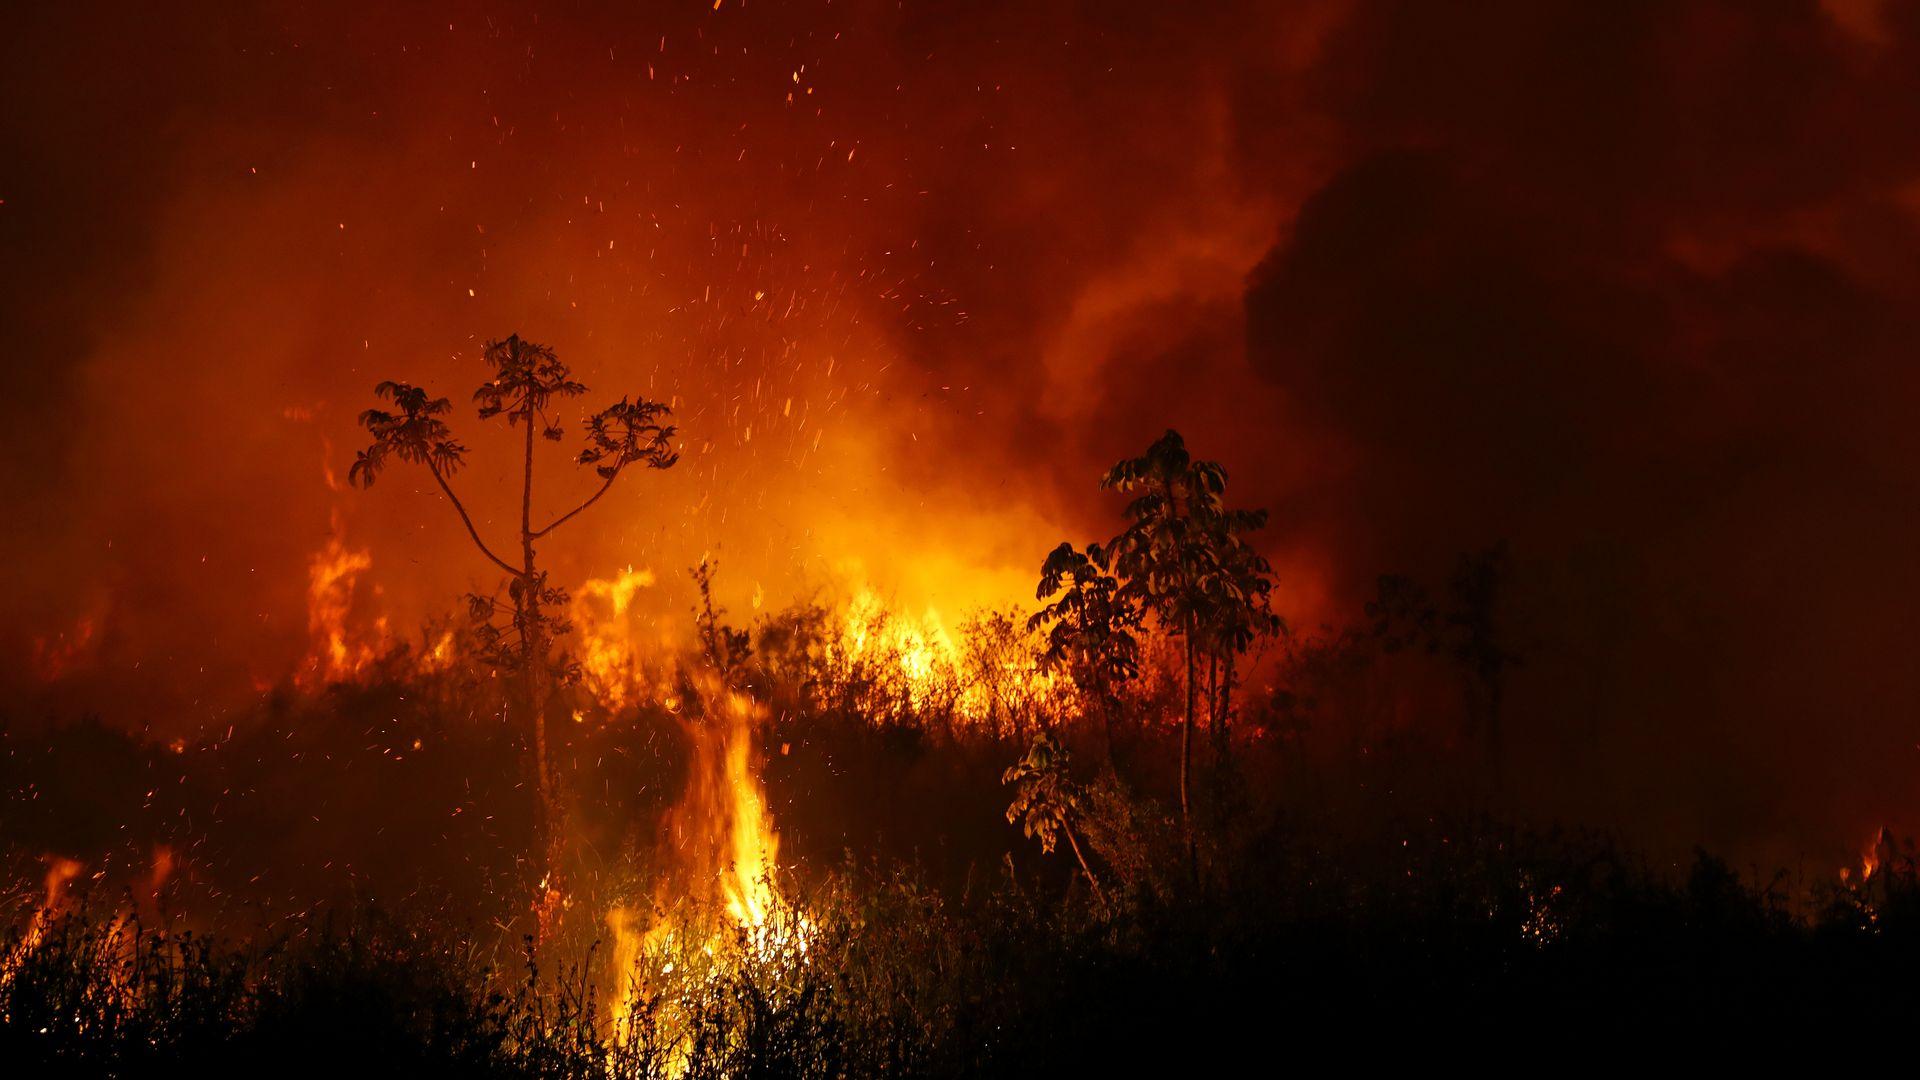 A fumaça de um incêndio sobe no ar enquanto as árvores queimam entre a vegetação no Pantanal, a maior área úmida do mundo, em Pocone, estado de Mato Grosso, Brasil, 3 de setembro de 2020. REUTERS / Amanda Perobelli